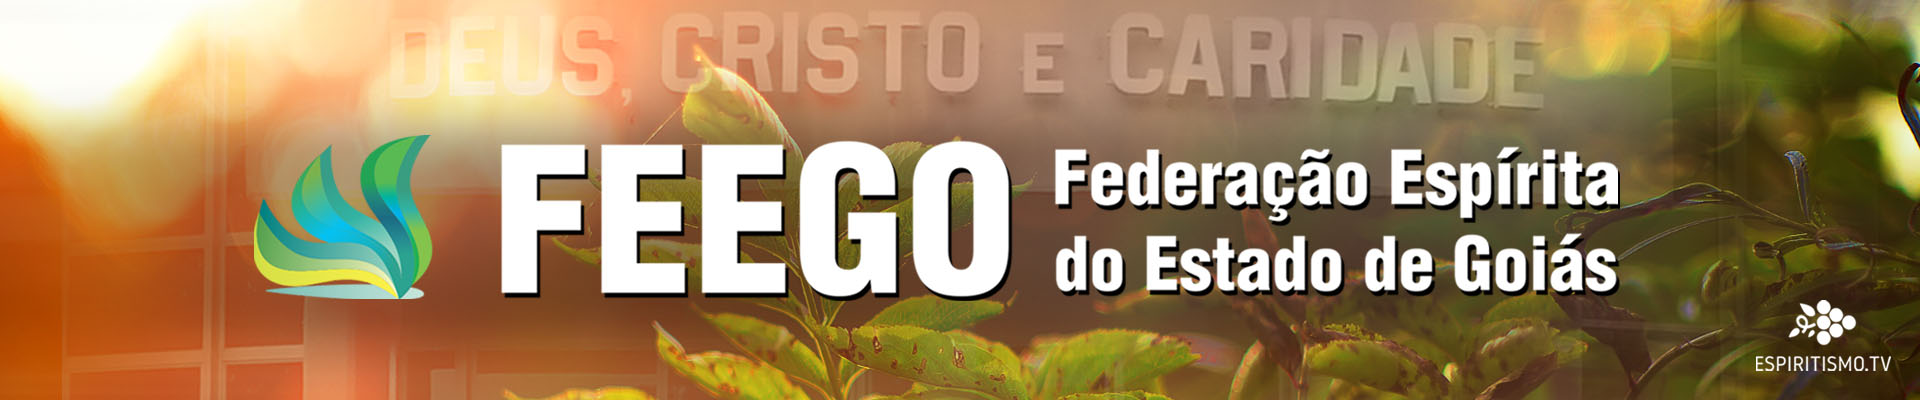 FEEGO - Federação Espírita do Estado de Goiás 1